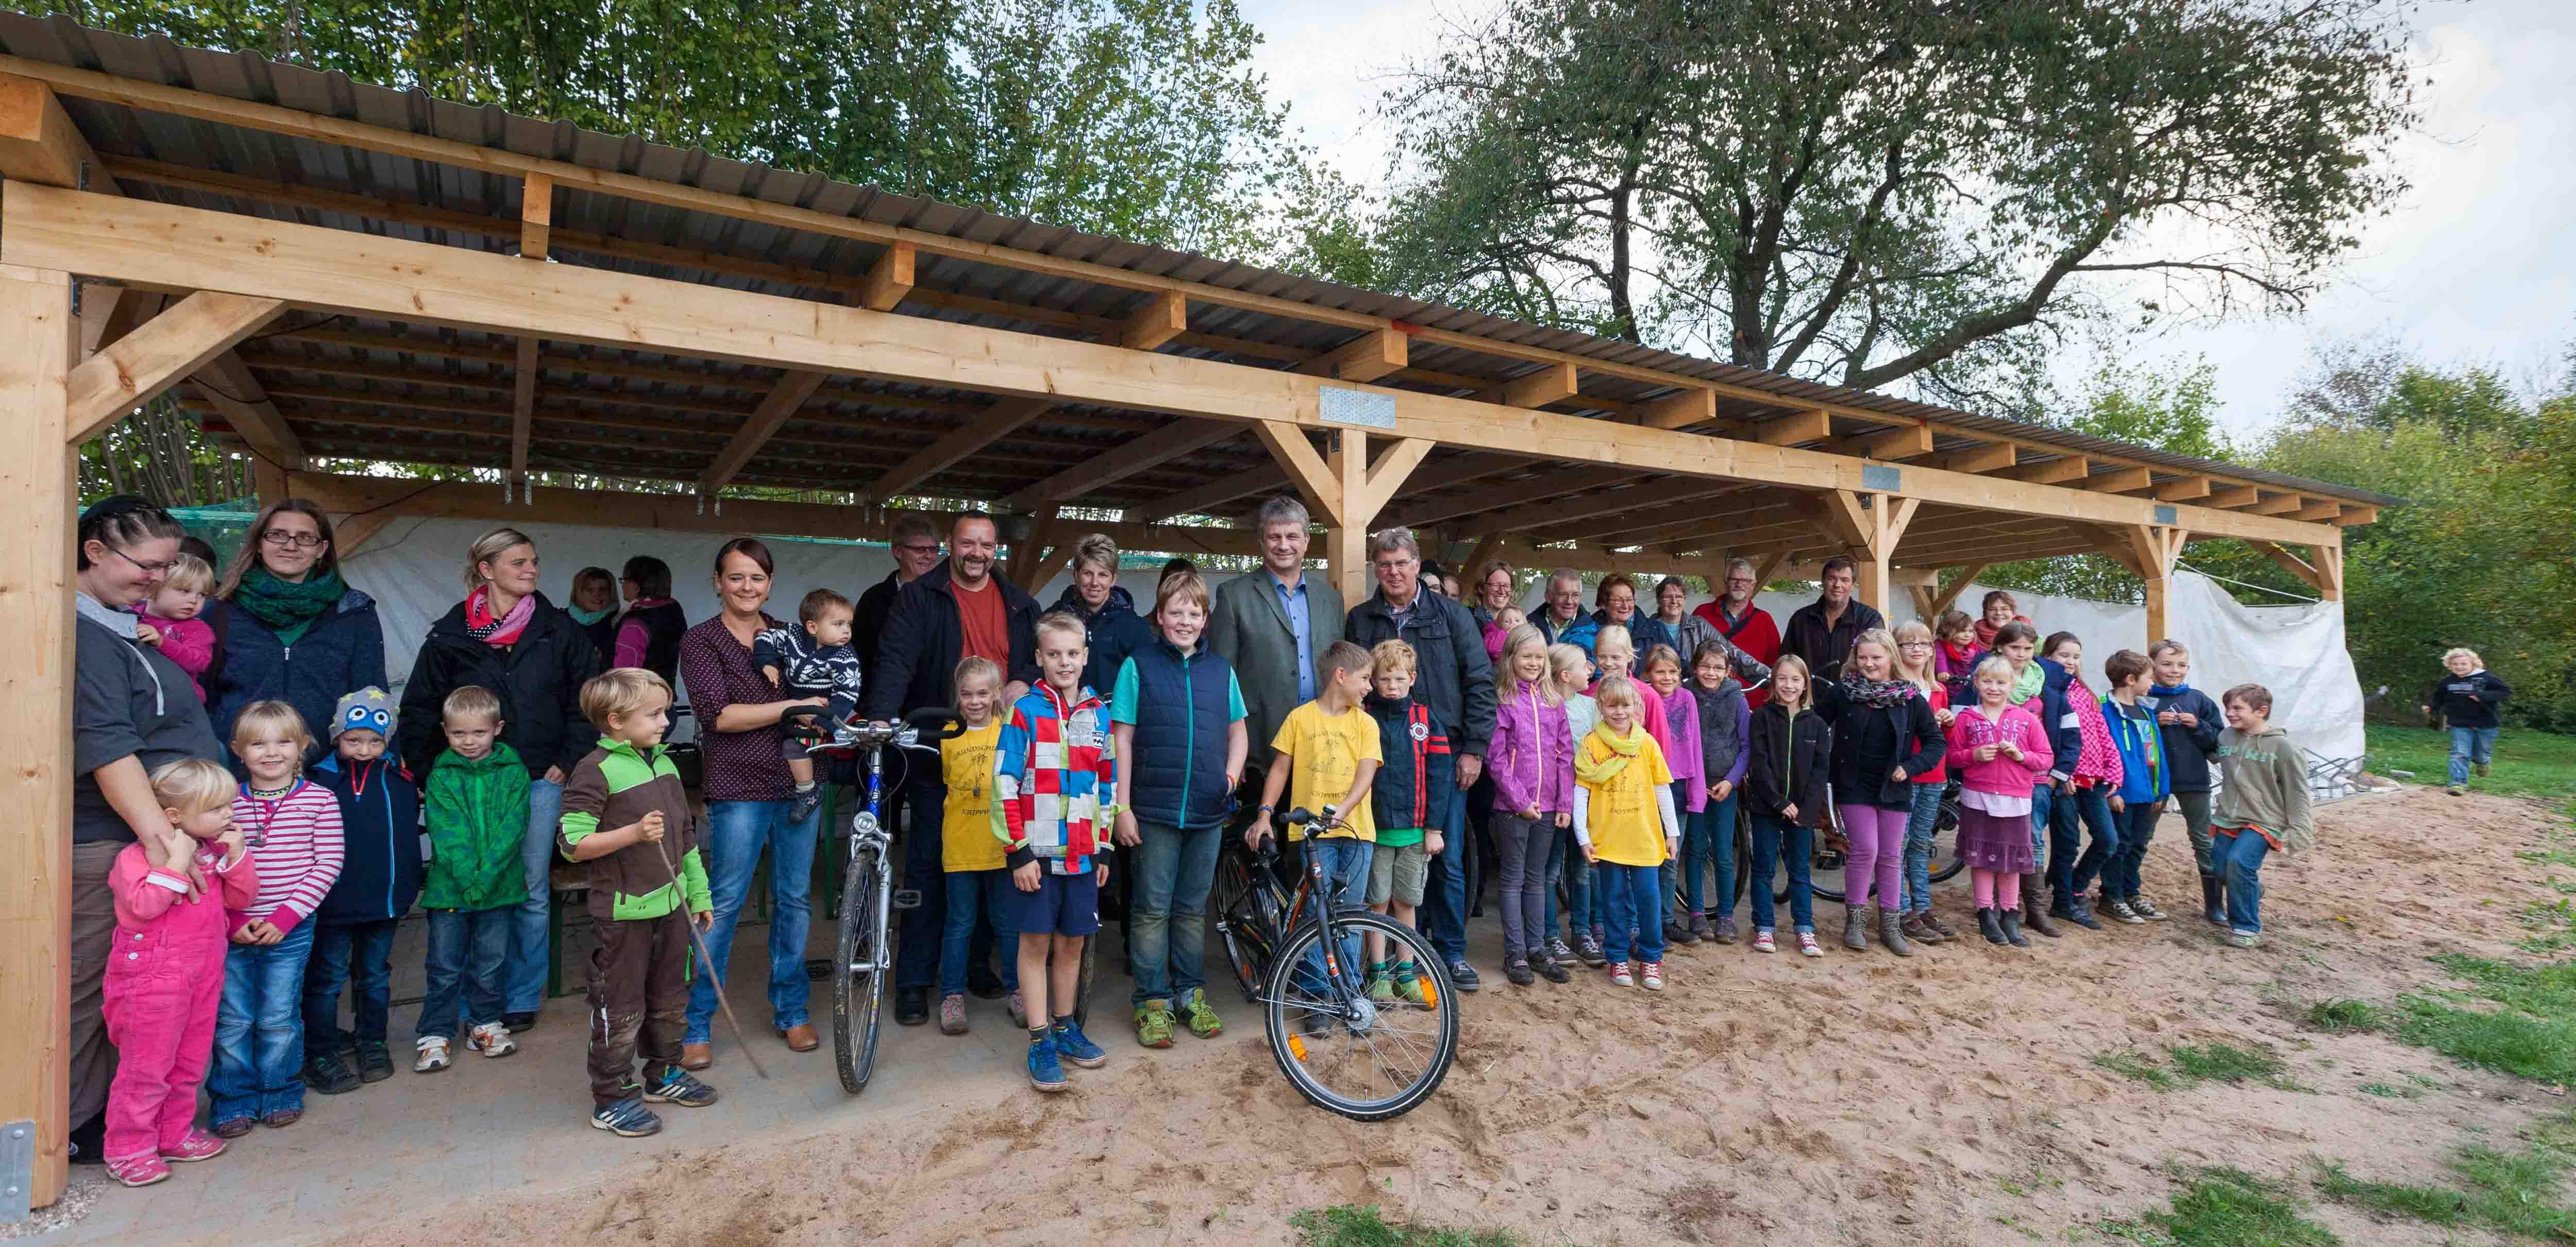 60 Jahre Schule in Schipphorst – Rendswührener feierten 60 Jahre Schule und einen neuen Fahrradunterstand für die Schule